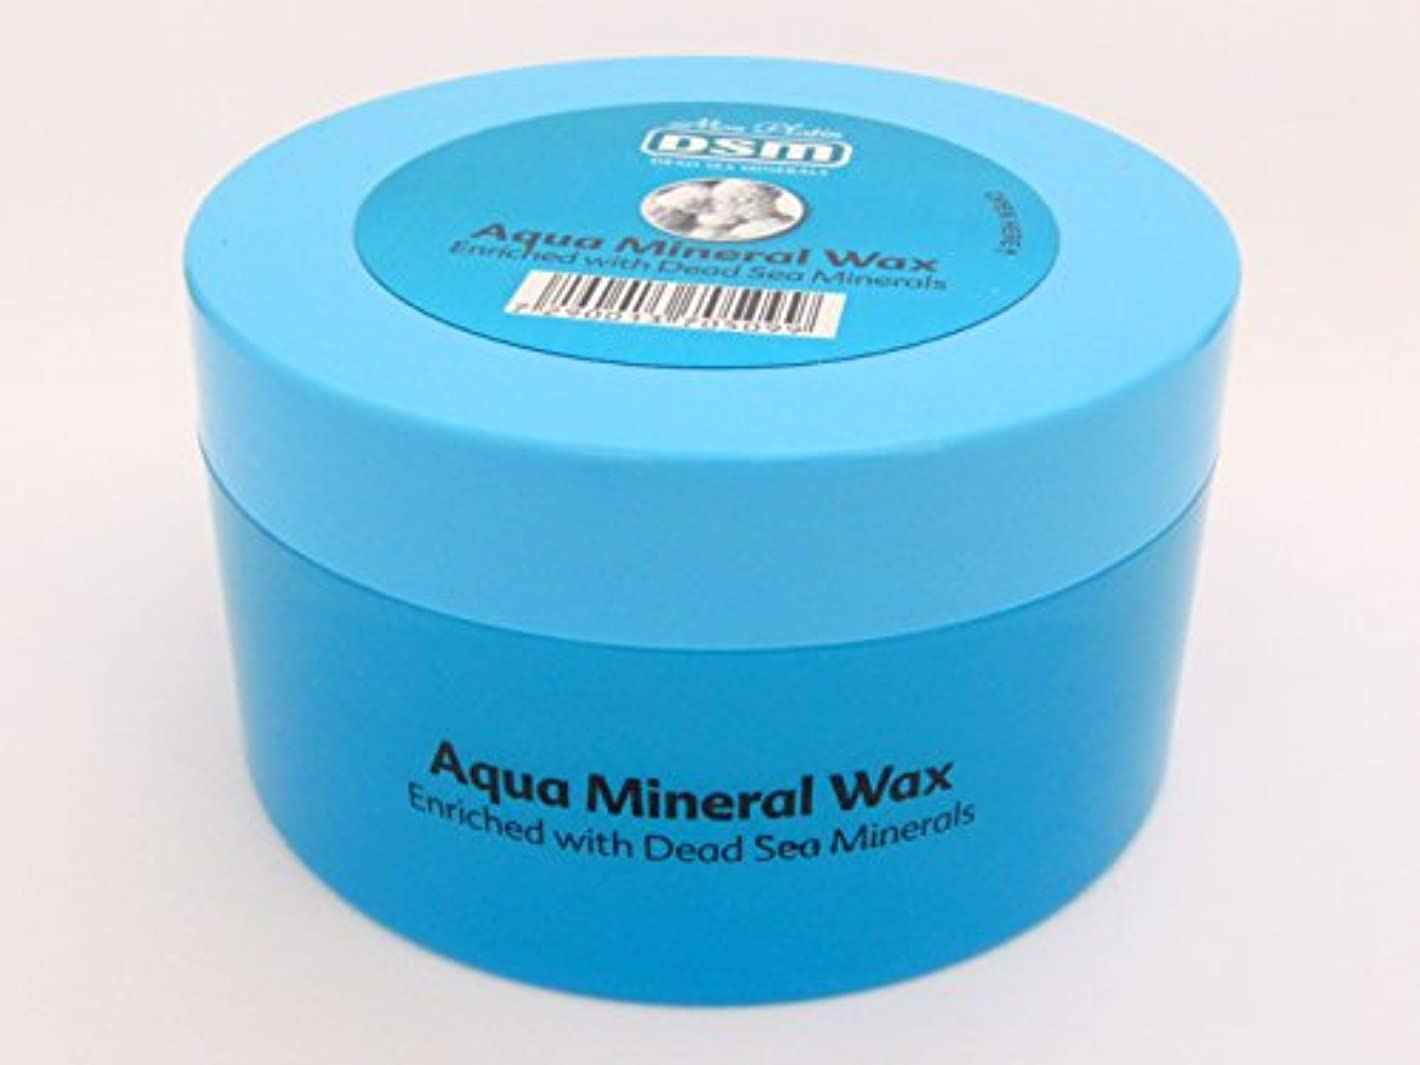 浮く幹回る液状ミネラルワックス 280mL Mon Platin 死海ミネラル 整髪 全髪タイプ 天然 お手入れ 美容 イスラエル (Aqua Mineral Wax)